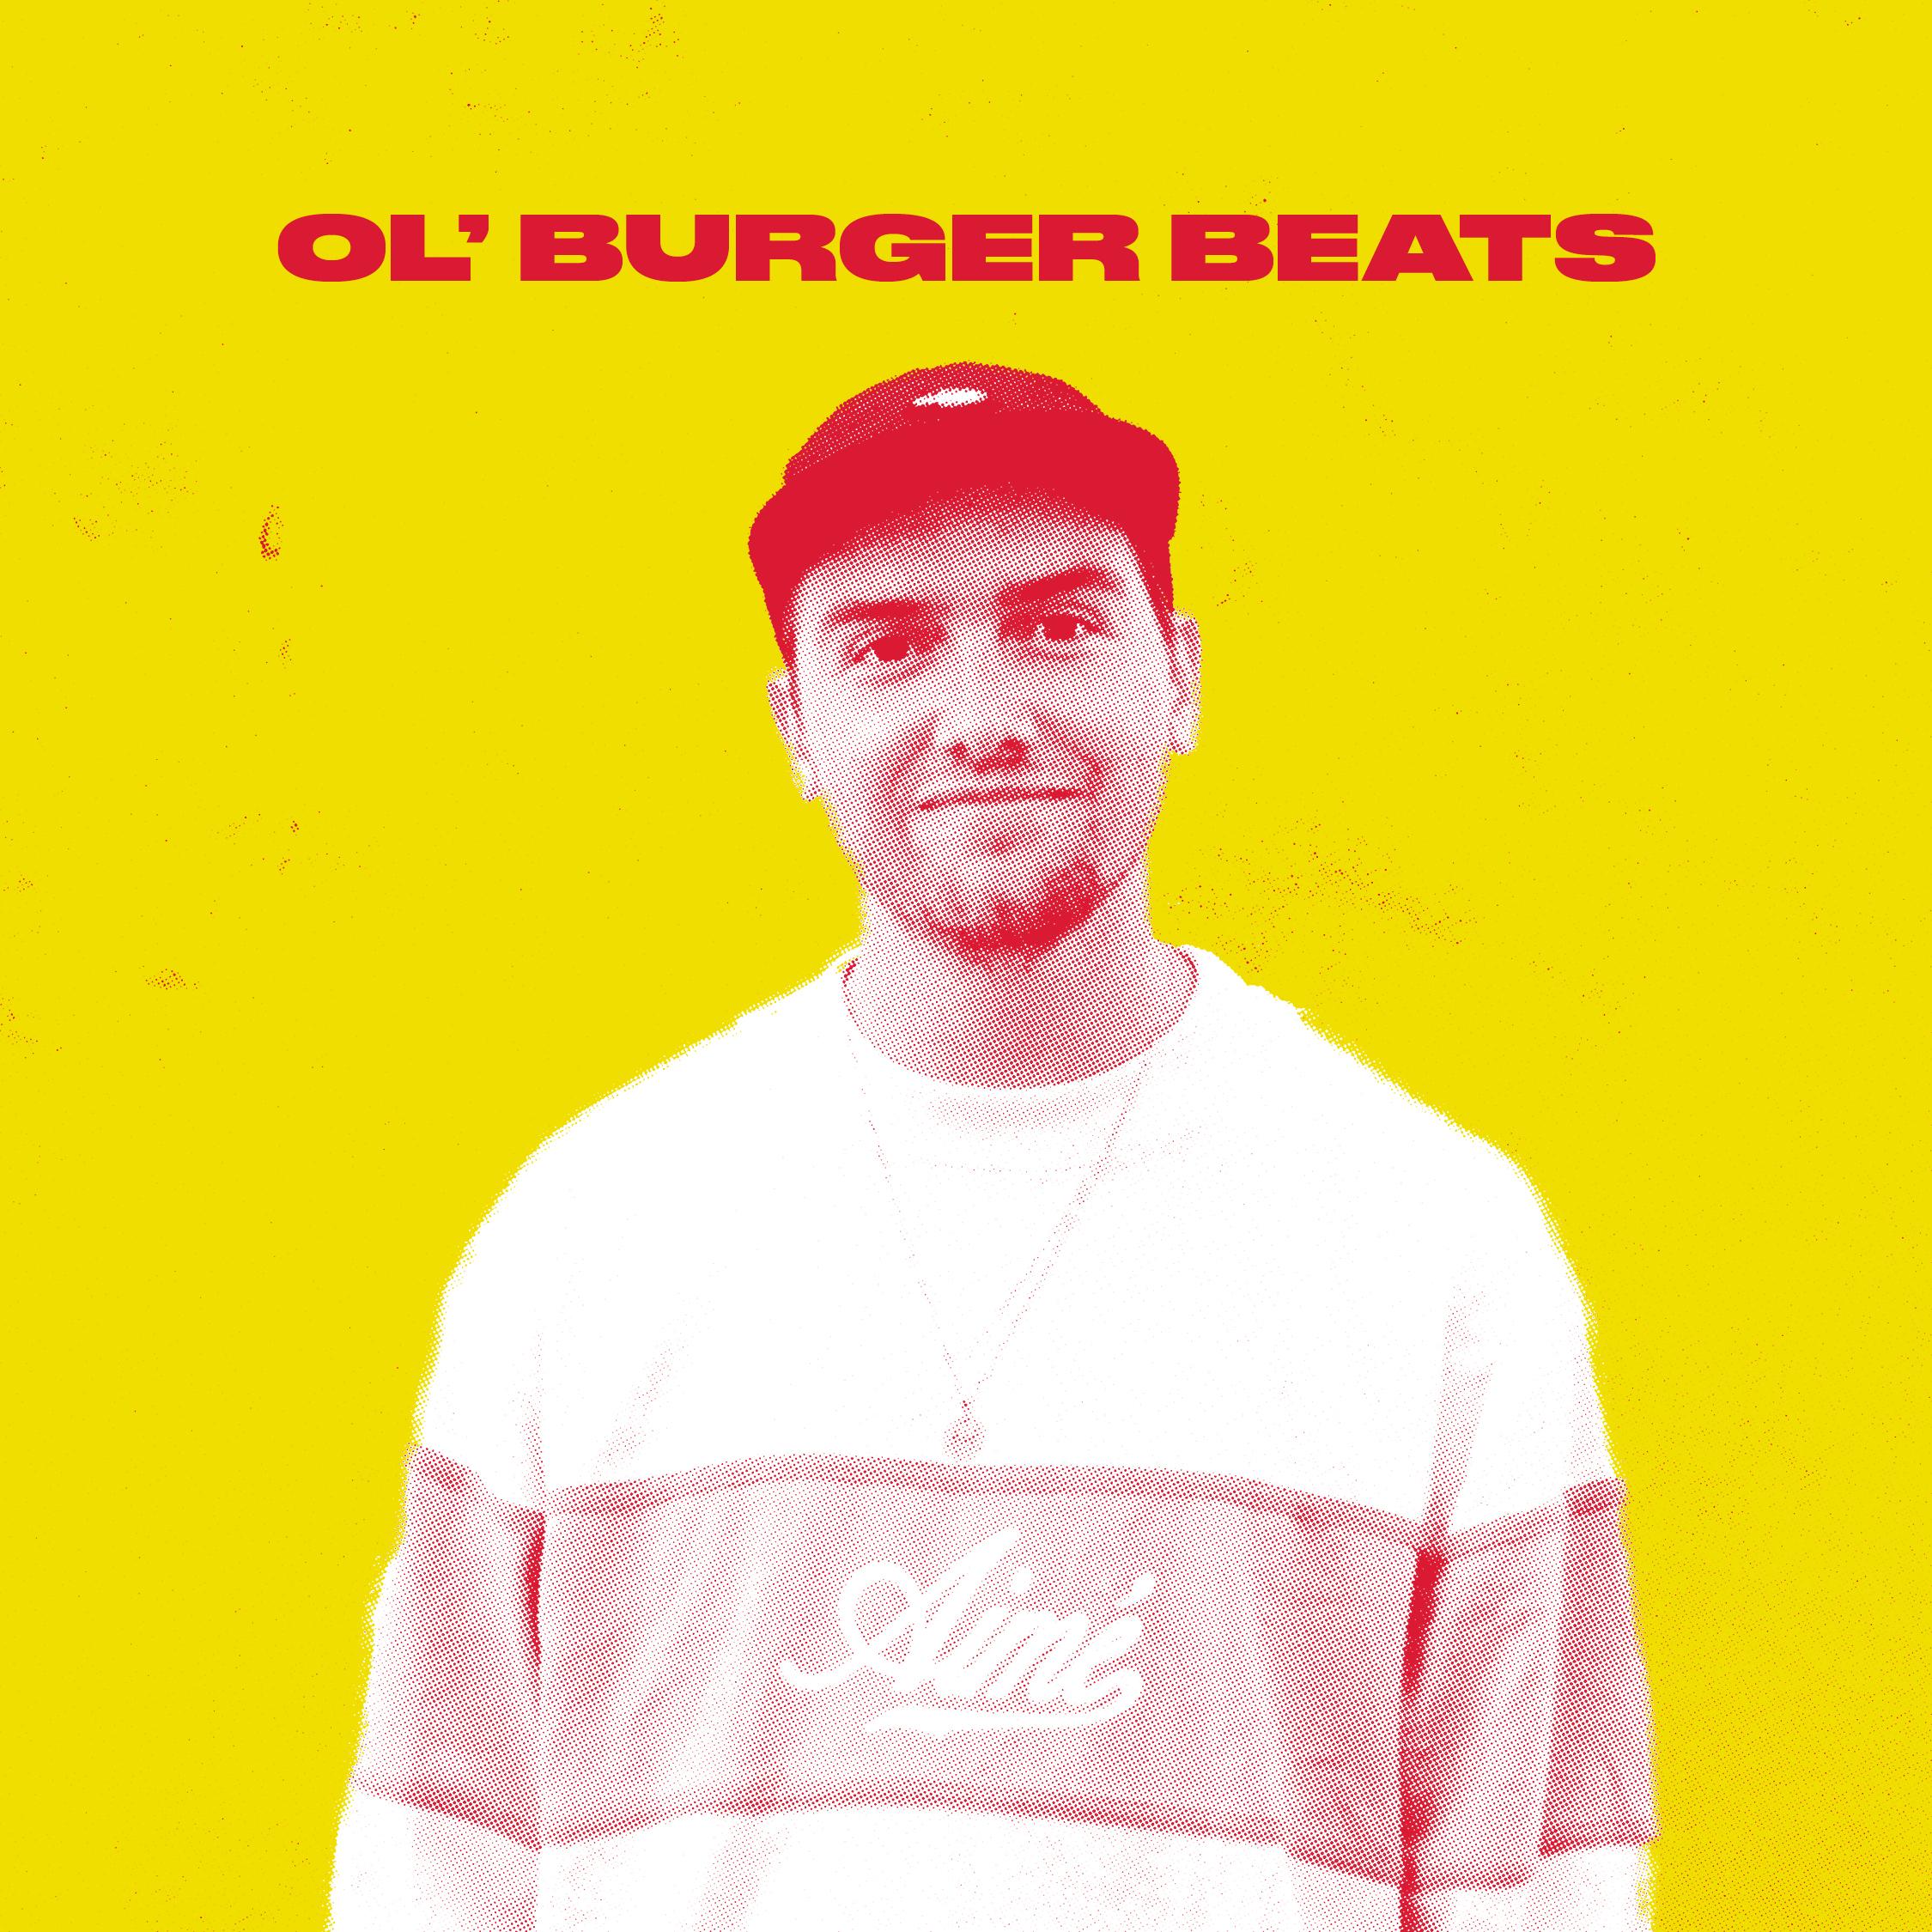 Den Oslo-baserte hip-hop-produsenten Ol' Burger Beats (Ole-Birger Neergård) er aktuell med nytt album og en god, gammeldags mixtape. Hans forrige album, «Mind Games», var en stor kommersiell suksess, til tross for at musikken på mange måter ligger nærmere jazz enn hip-hop. Med mer enn femten millioner avspillinger i Spotify og en lang diskografi på vinyl og kassett, har nå Ol' Burger Beats også spilt på scener som hip-hop-festivalen Appelsap i Amsterdam og Øyanatt her i Norge. Ol' Burger Beats gjorde også sitt første Boiler Room-sett i sommer.